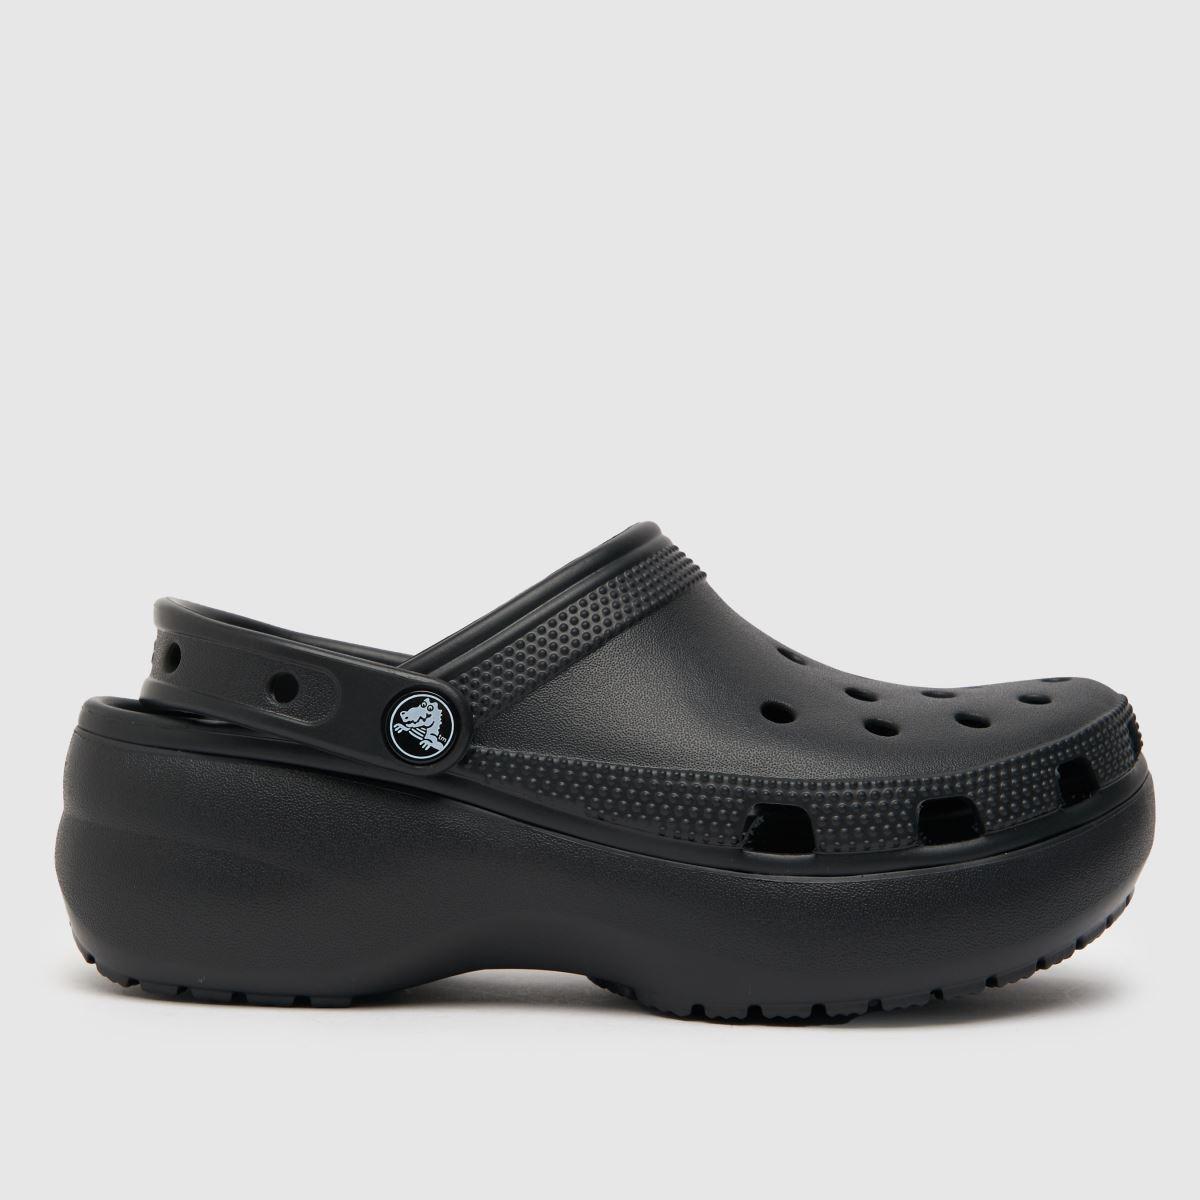 Crocs Black Classic Platform Sandals